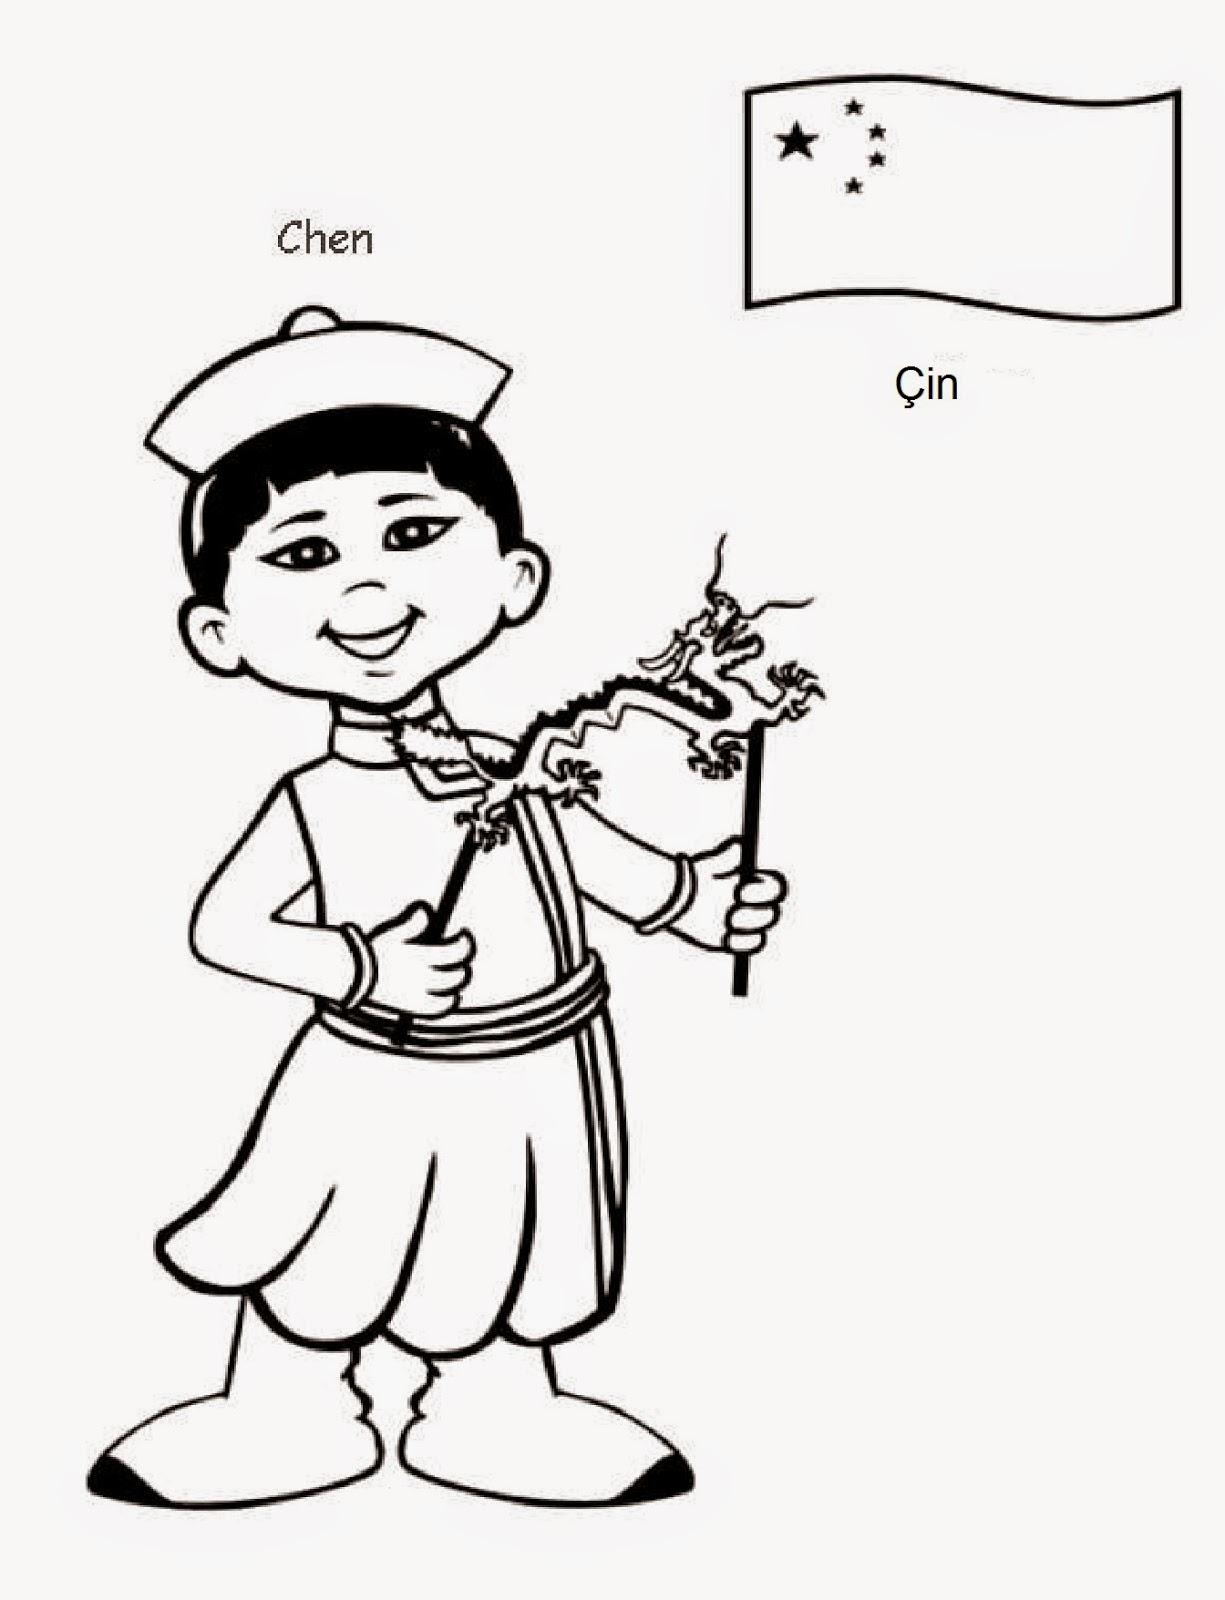 Dünya çocukları Boyama Kağıtları Tam 20 Tane